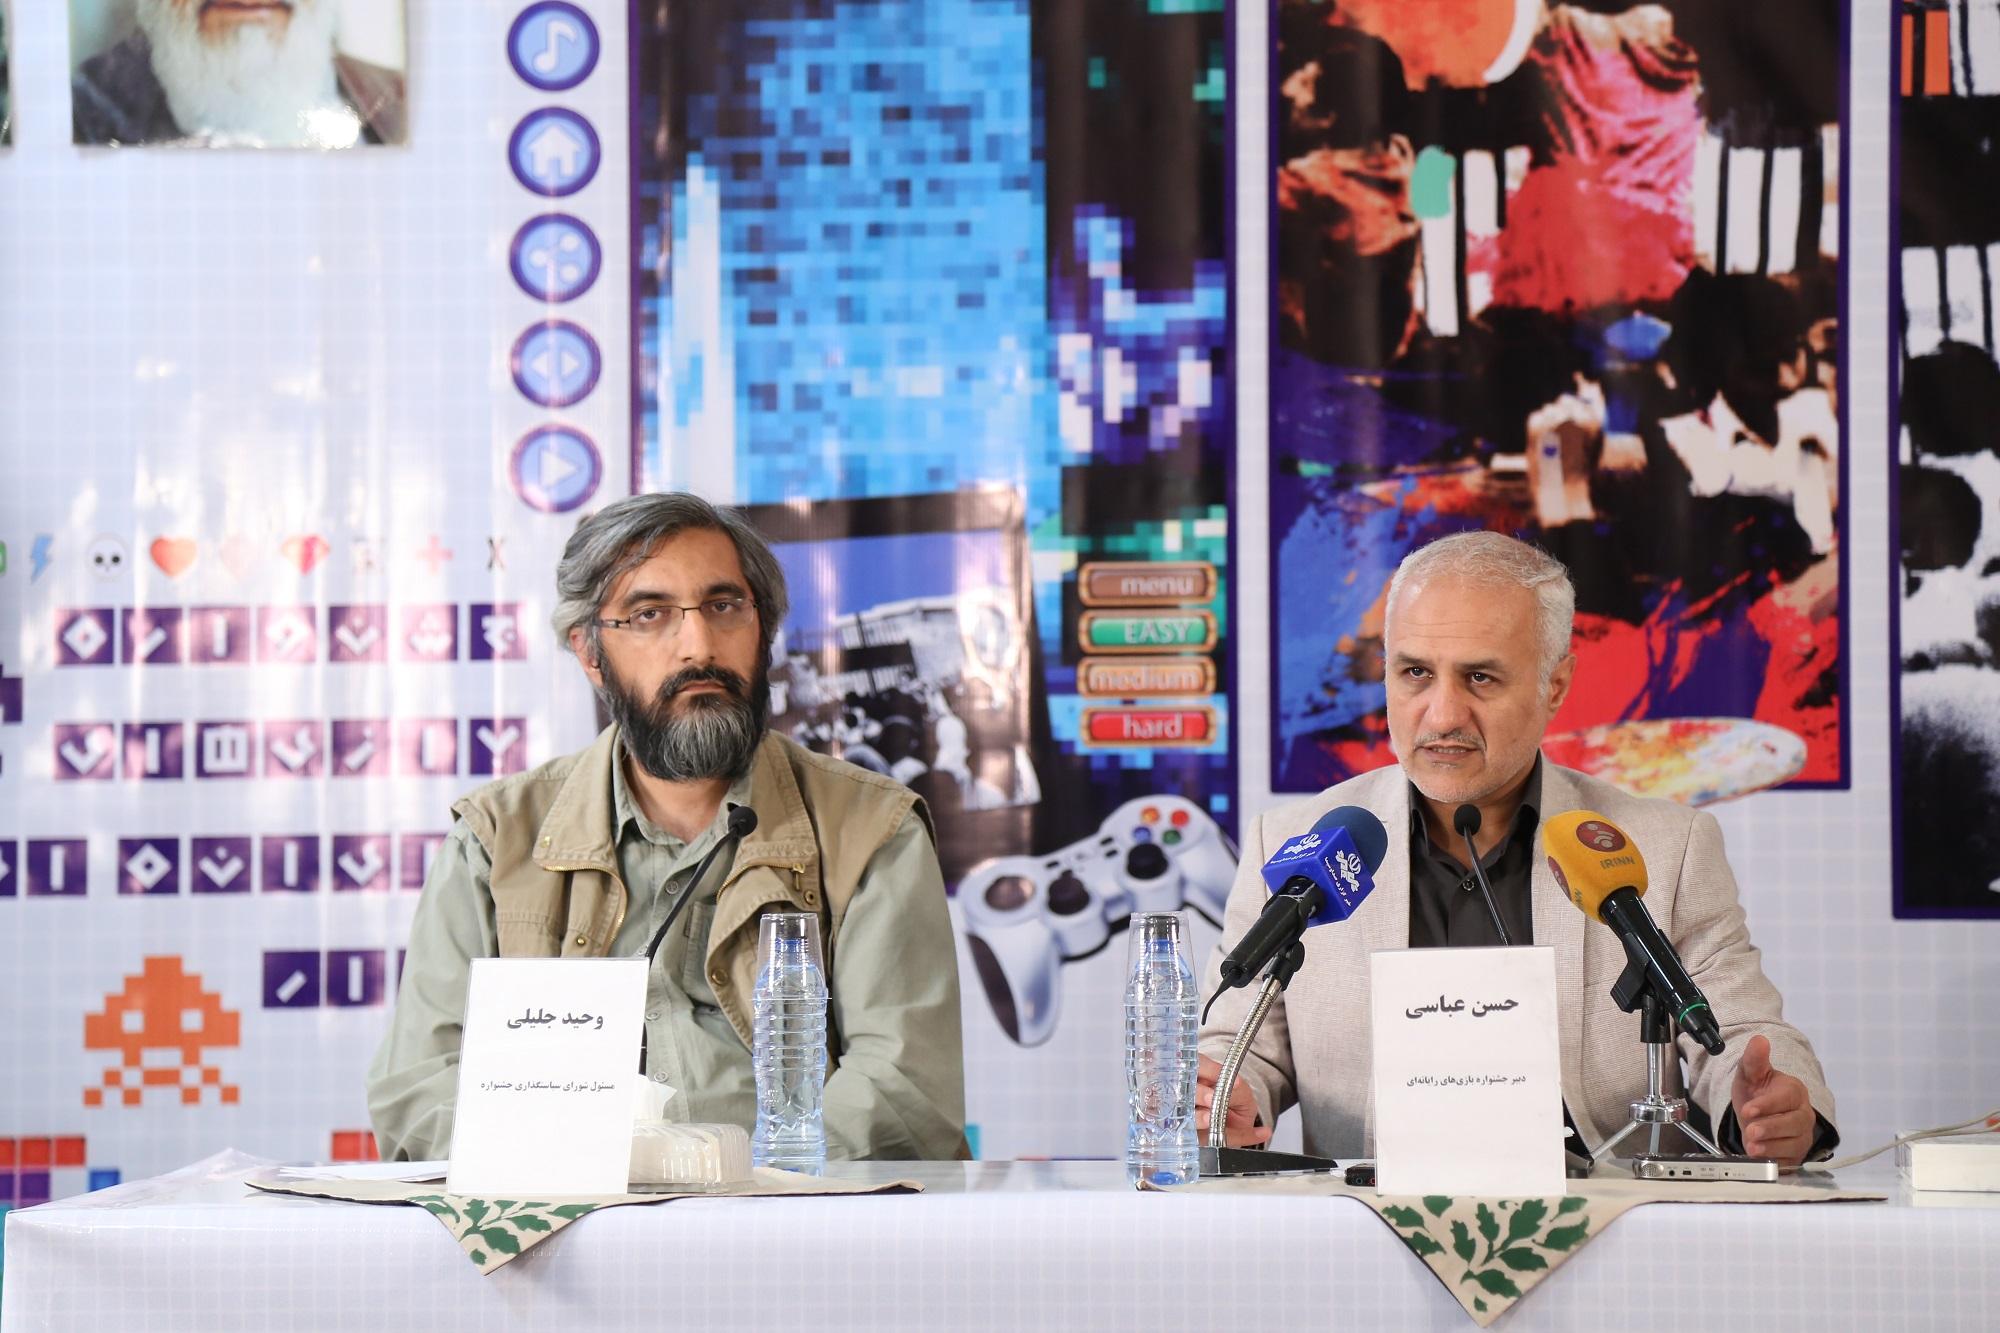 نشست خبری نخستین جشنواره بازیهای رایانه ای عمار با حضور استاد حسن عباسی